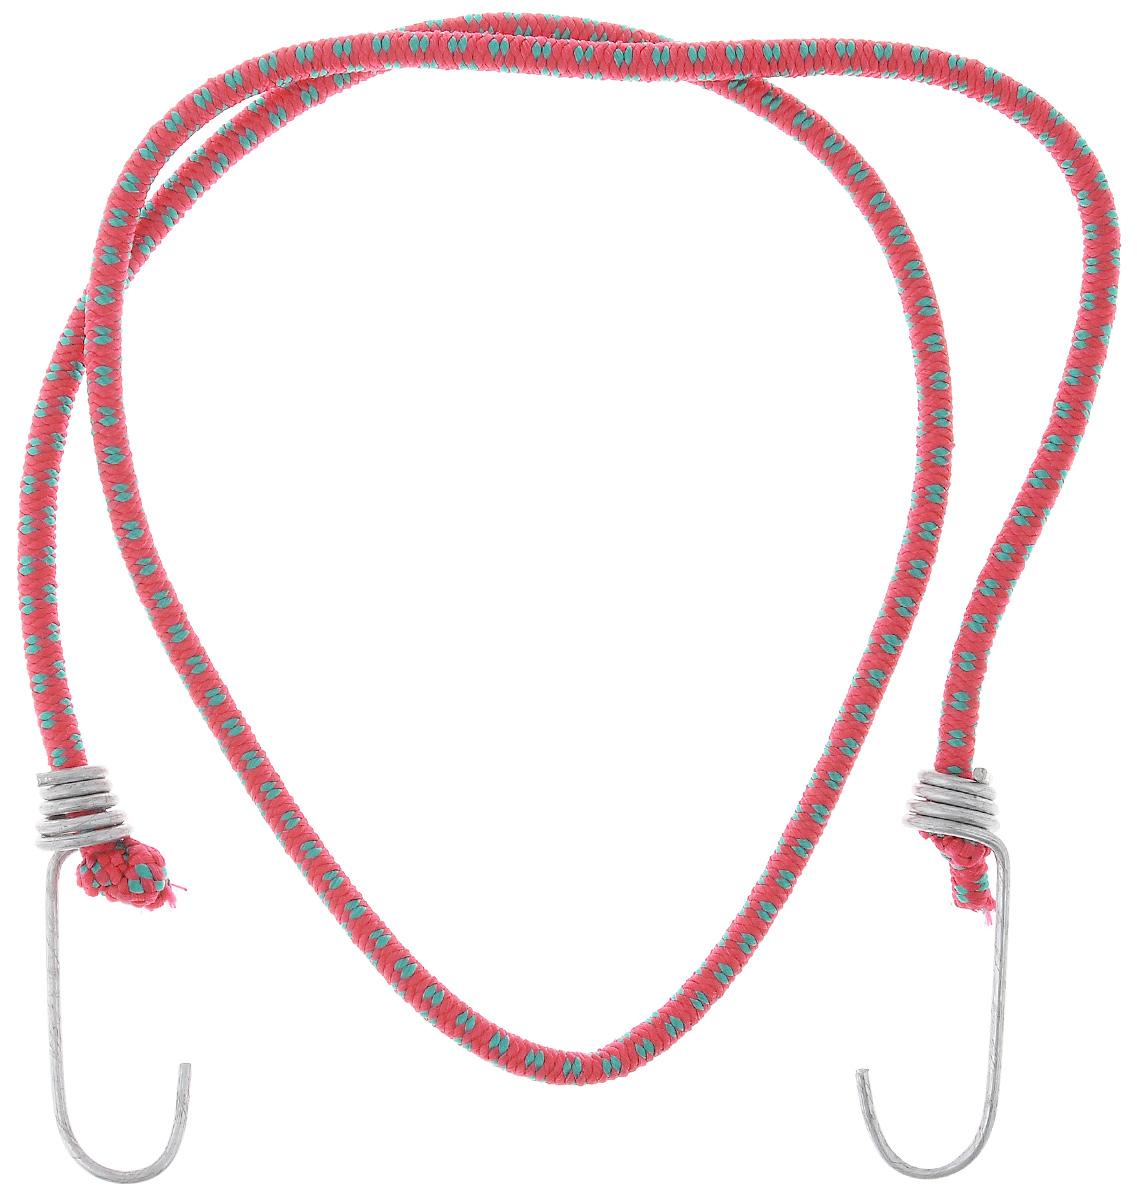 Резинка багажная МастерПроф, с крючками, цвет: красный, зеленый, 0,6 х 110 см. АС.020022АС.020022_красныйБагажная резинка МастерПроф, выполненная из синтетического каучука, оснащена специальными металлическими крюками, которые обеспечивают прочное крепление и не допускают смещения груза во время его перевозки. Изделие применяется для закрепления предметов к багажнику. Такая резинка позволит зафиксировать как небольшой груз, так и довольно габаритный.Материал: синтетический каучук.Температура использования: -15°C до +50°C.Безопасное удлинение: 60%.Диаметр резинки: 0,6 см.Длина резинки: 110 см.